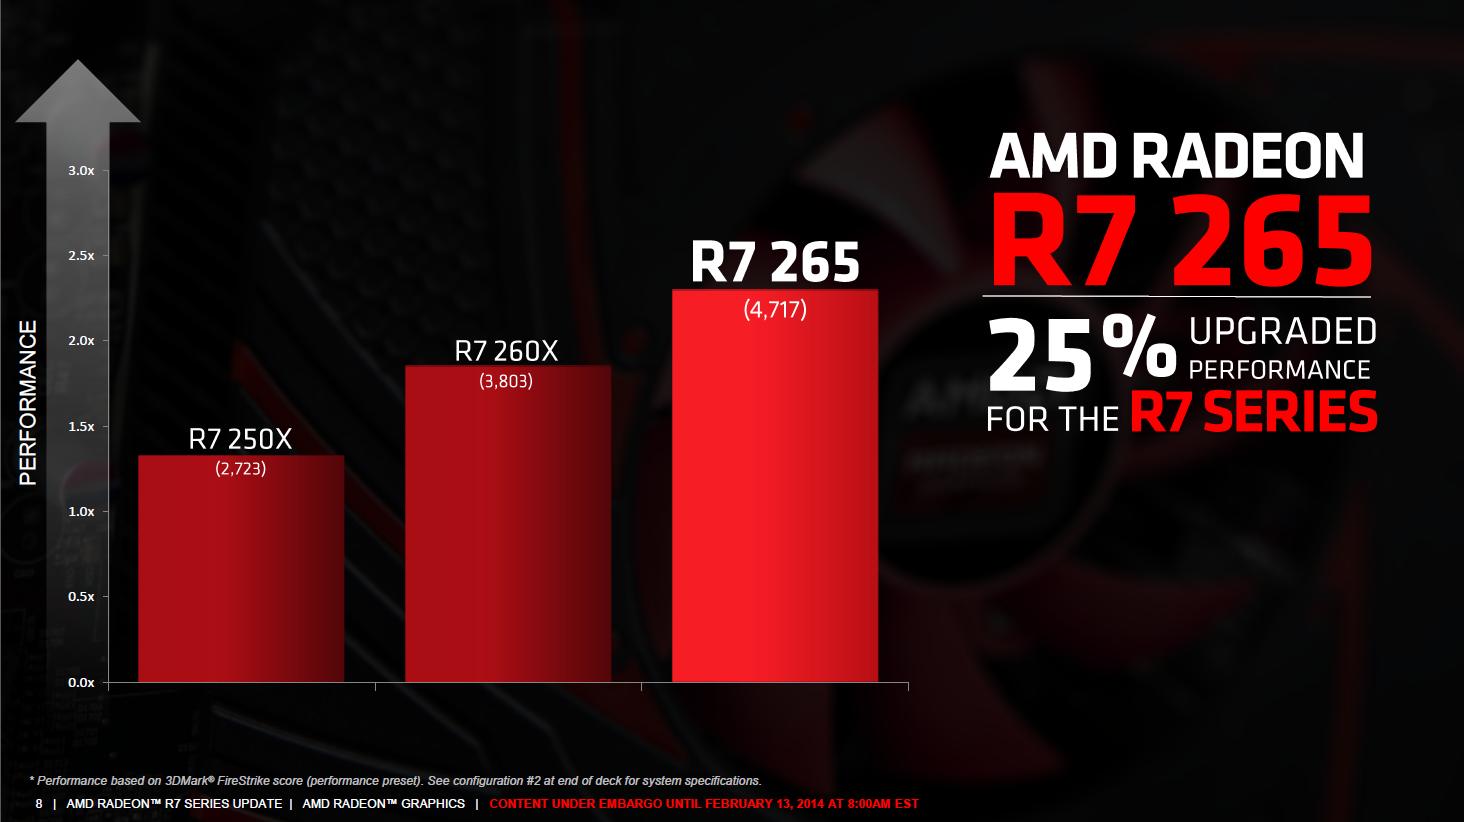 Radeon R7 265: Auch die zwölfte R-Radeon ist altbekannt - Im Vergleich zur R7 250X soll sie 25 Prozent mehr Punkte im 3D Mark Firestrike Test erreichen. (Bild: AMD)